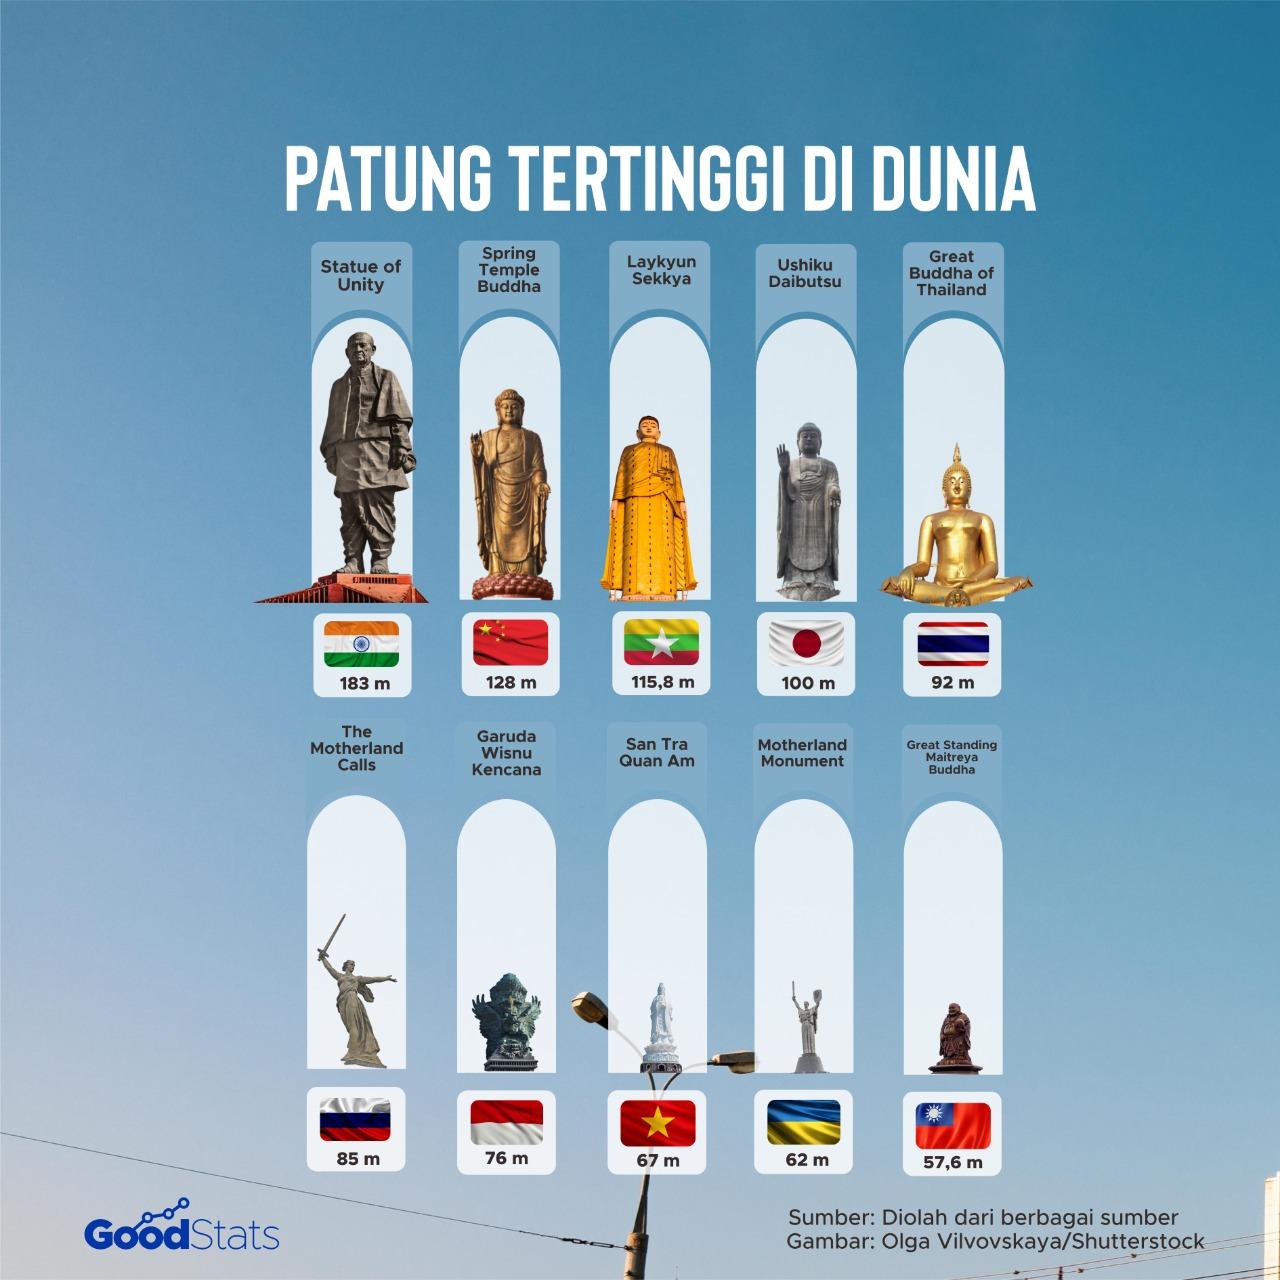 Patung tertinggi di dunia | GoodStats